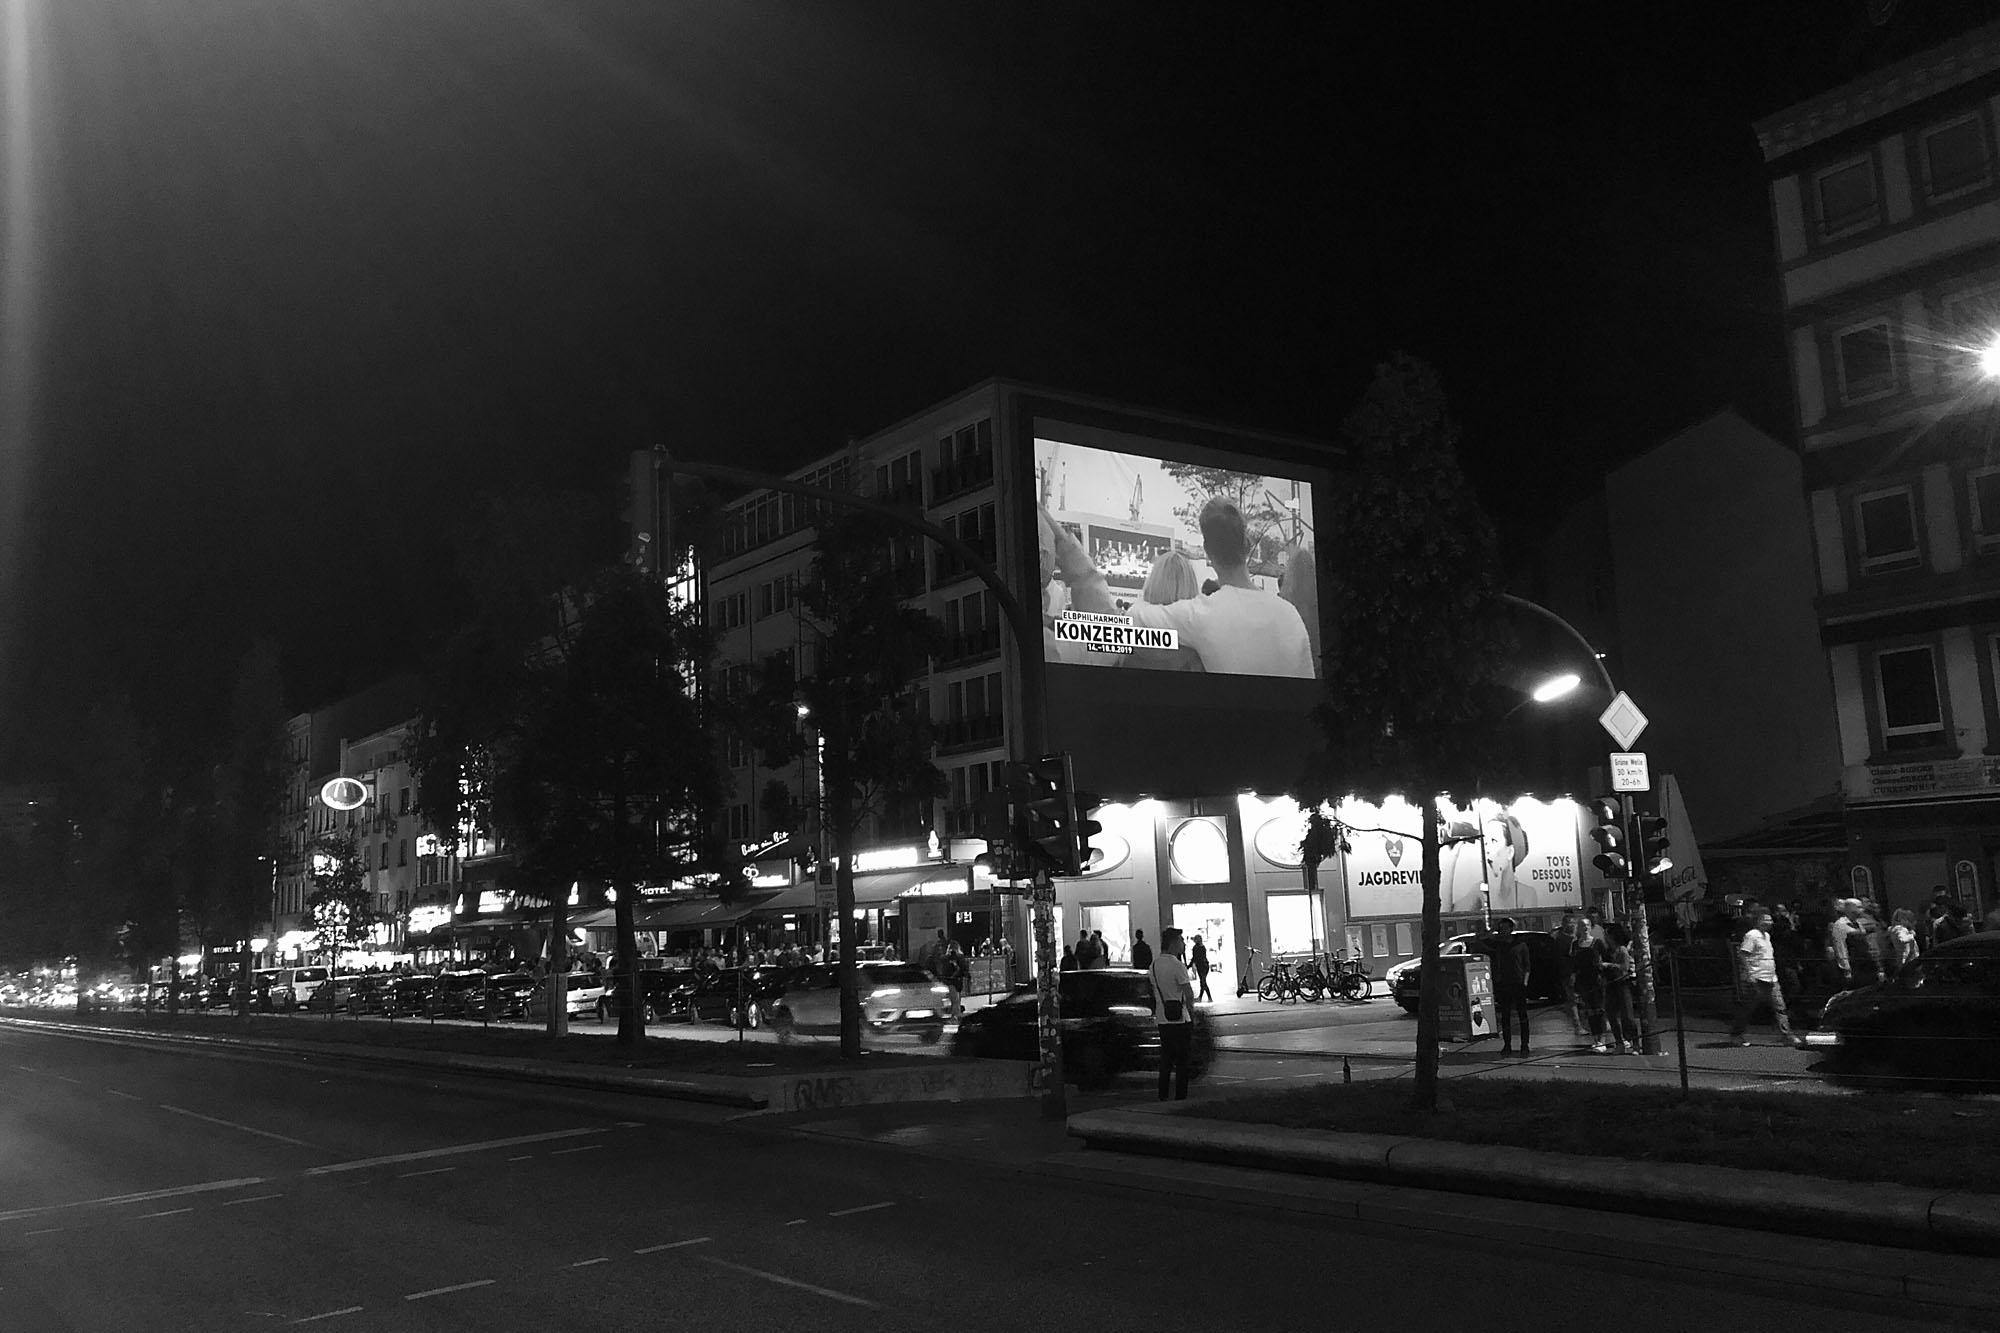 Elbphilharmonie Hamburg - Projektion